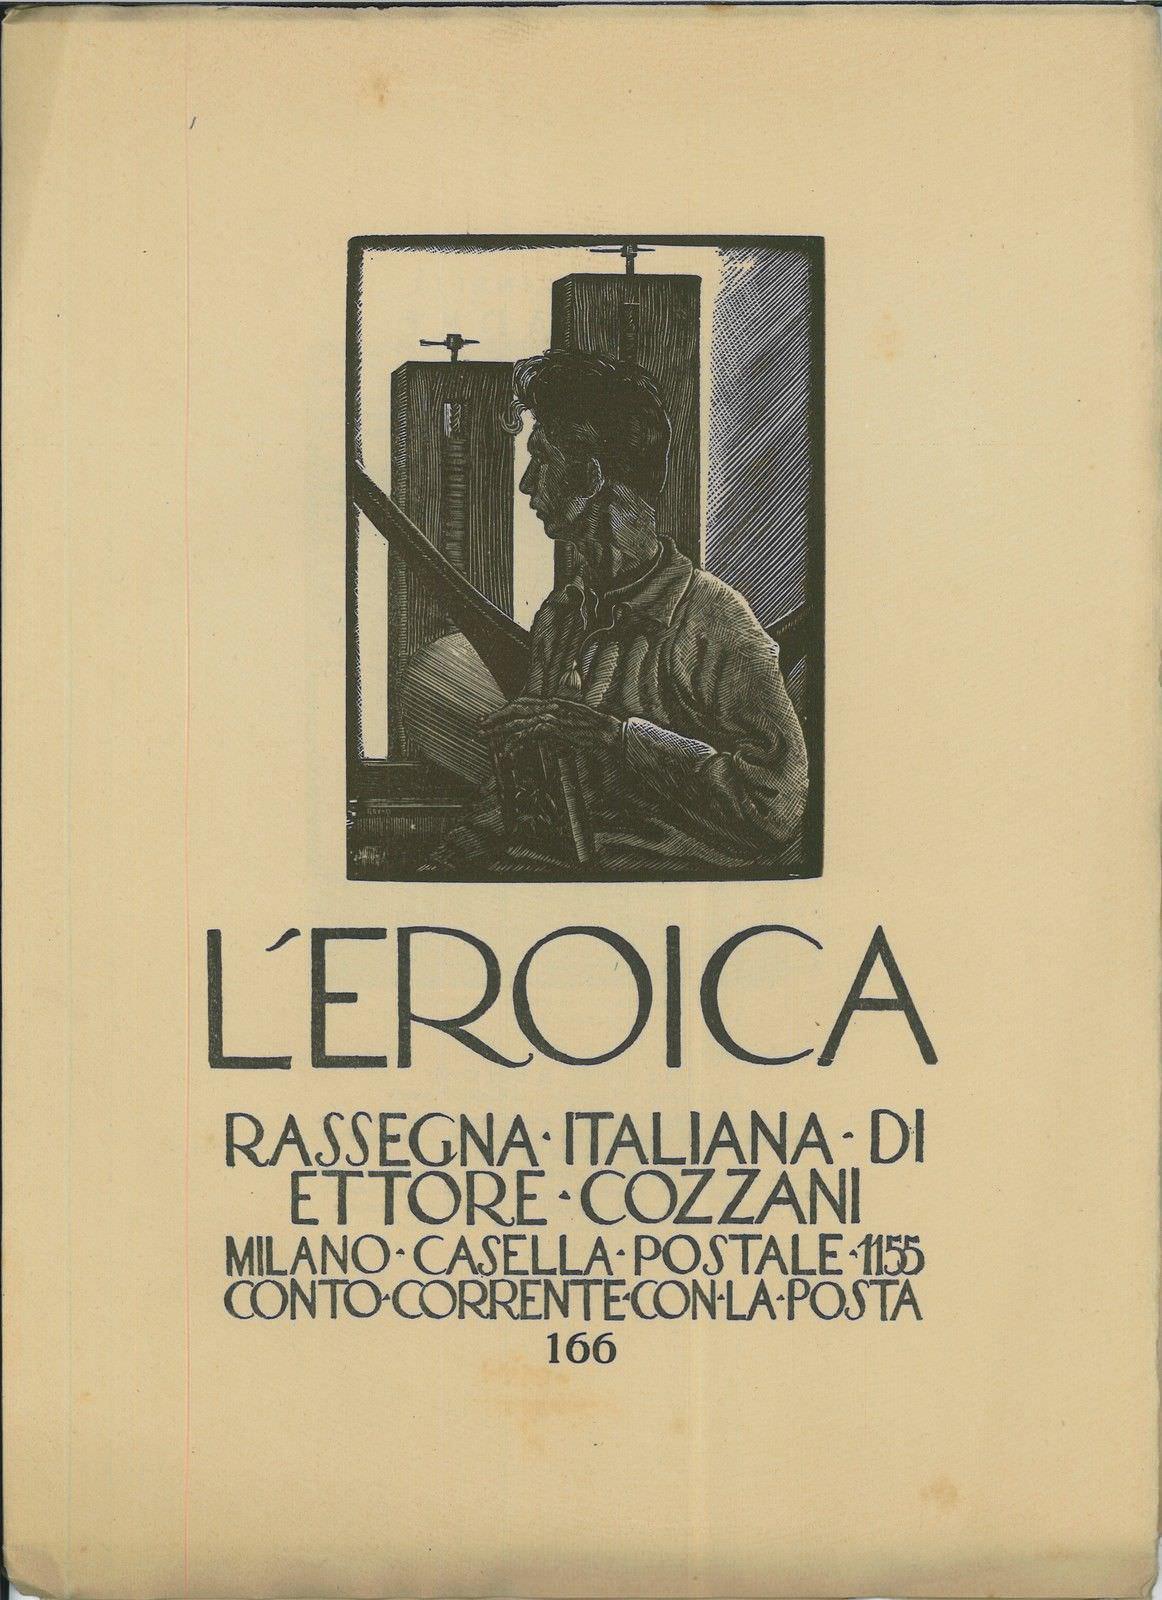 Eroica 166